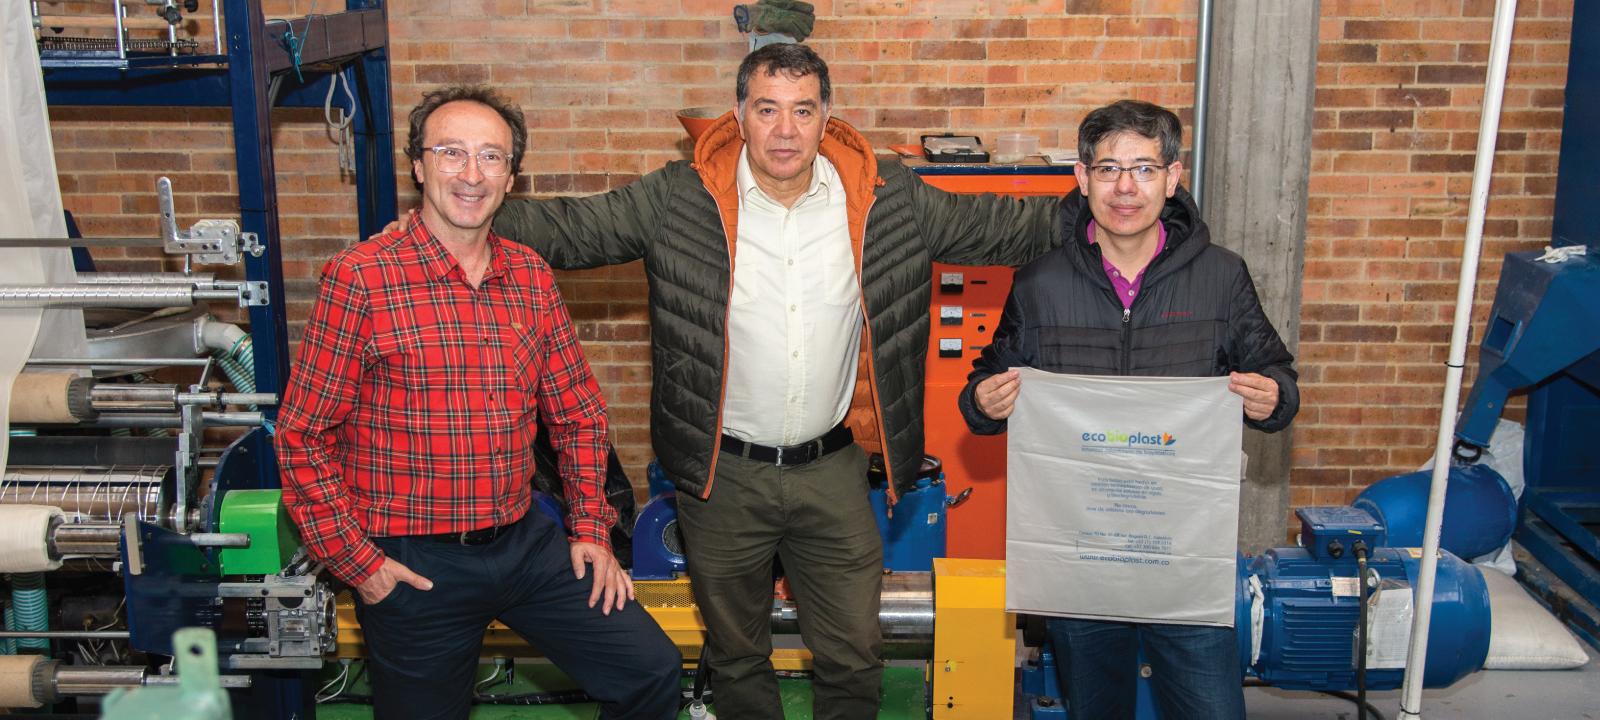 Investigadores logran producir bolsas compostables a partir de almidón de yuca